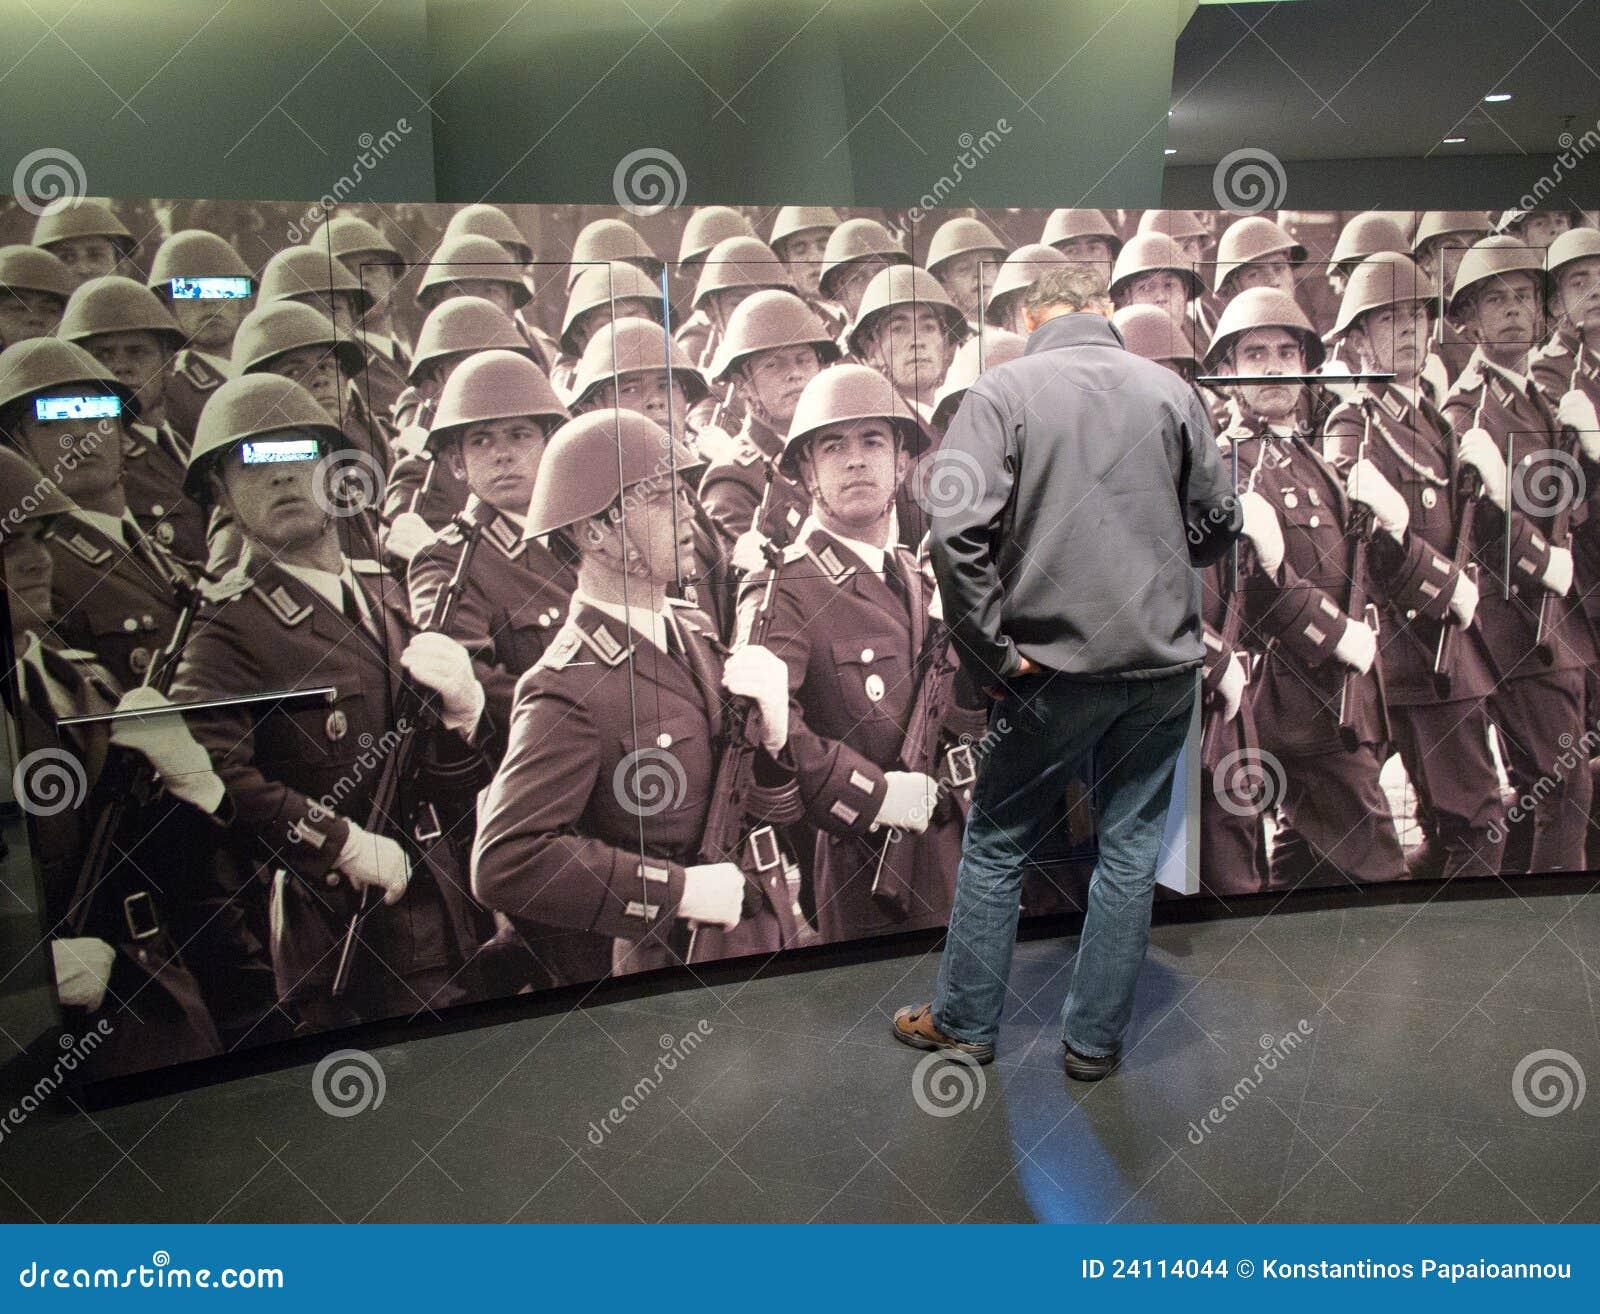 Das Ddr Museum In Berlin Redaktionelles Stockbild Bild Von Reise